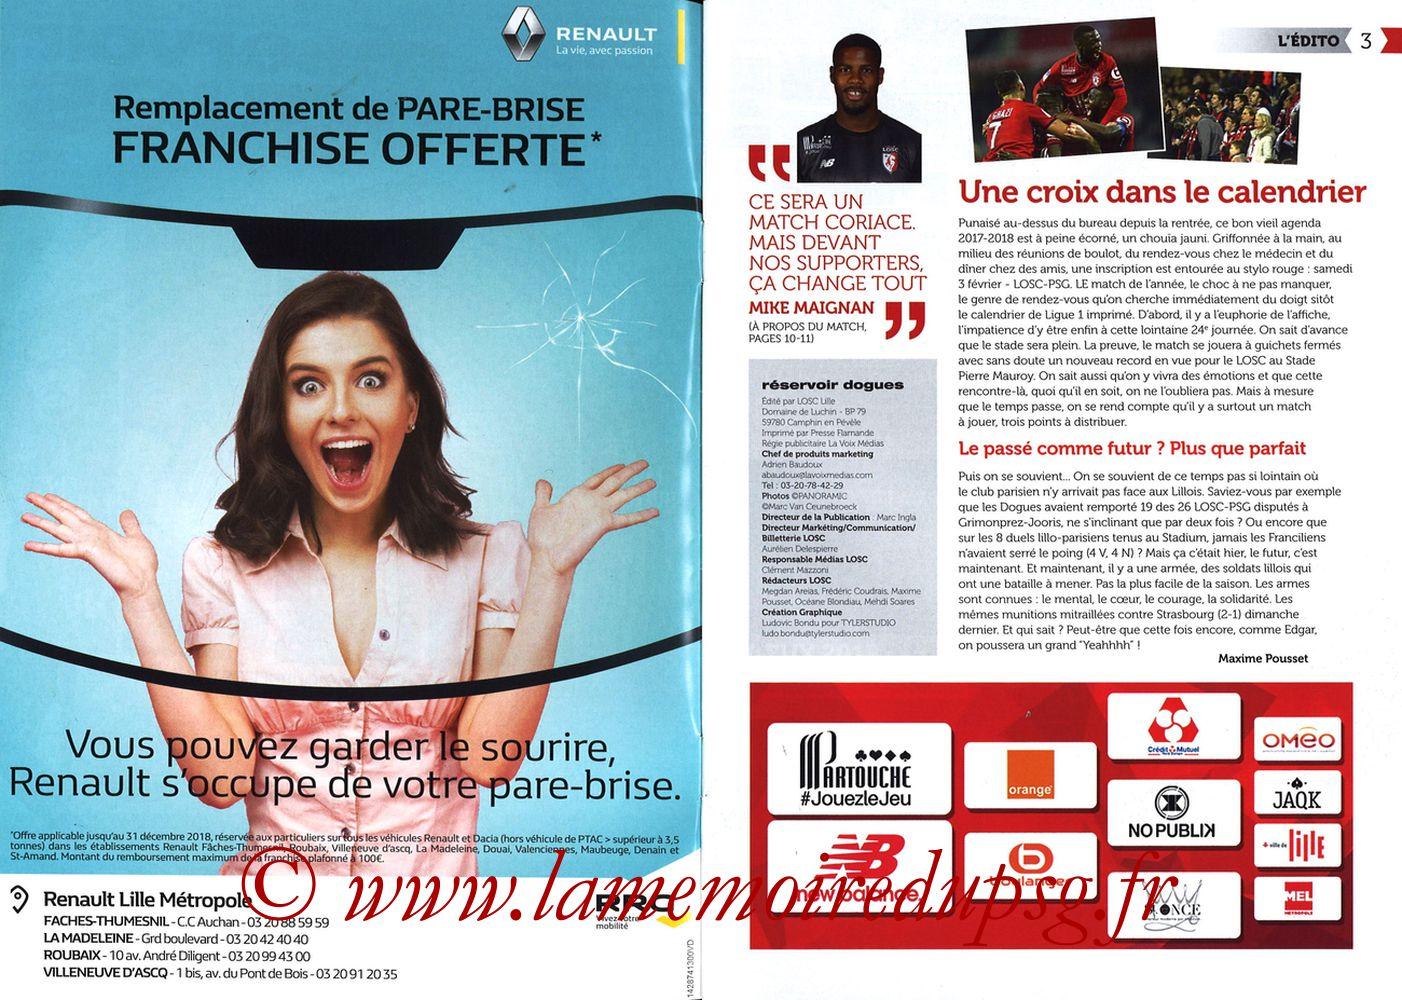 2018-02-03  Lille-PSG (24ème L1, Réservoir Dogues N°82) - Pages 02 et 03